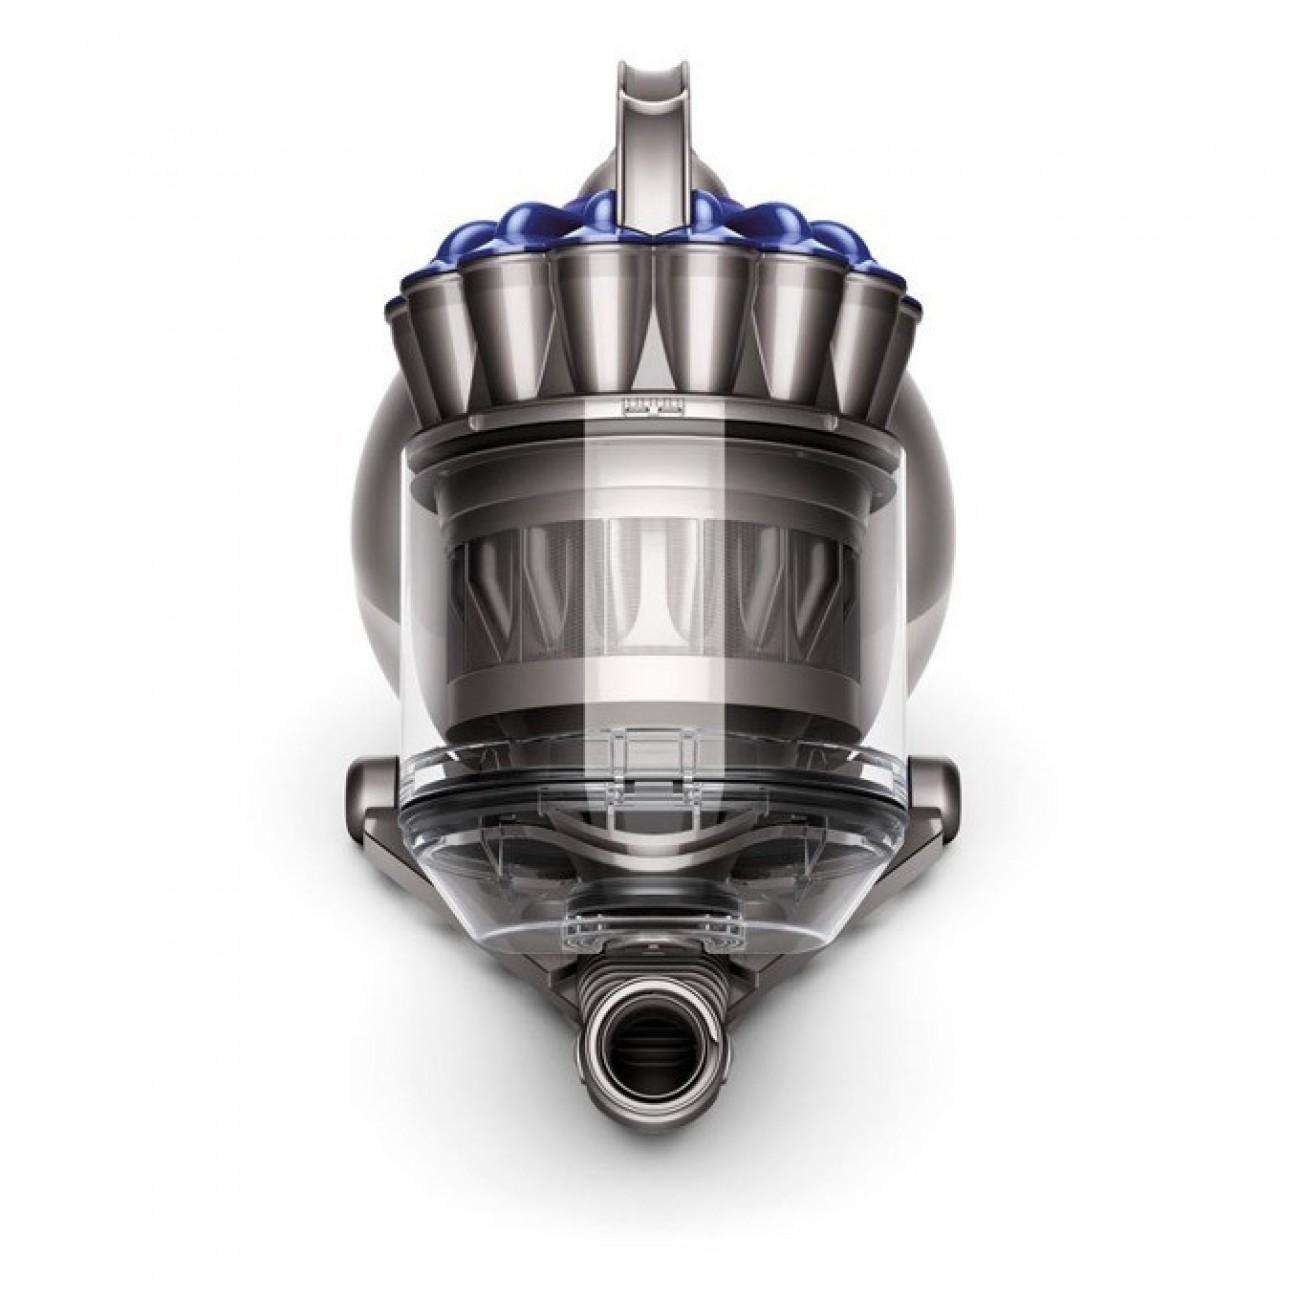 Прахосмукачка Dyson BALL UP TOP, без торба, 1.8L вместимост на контейнера, 600W, цифрово управляем мотор, специално шаси за прецизна маневреност, сива в Прахосмукачки -  | Alleop